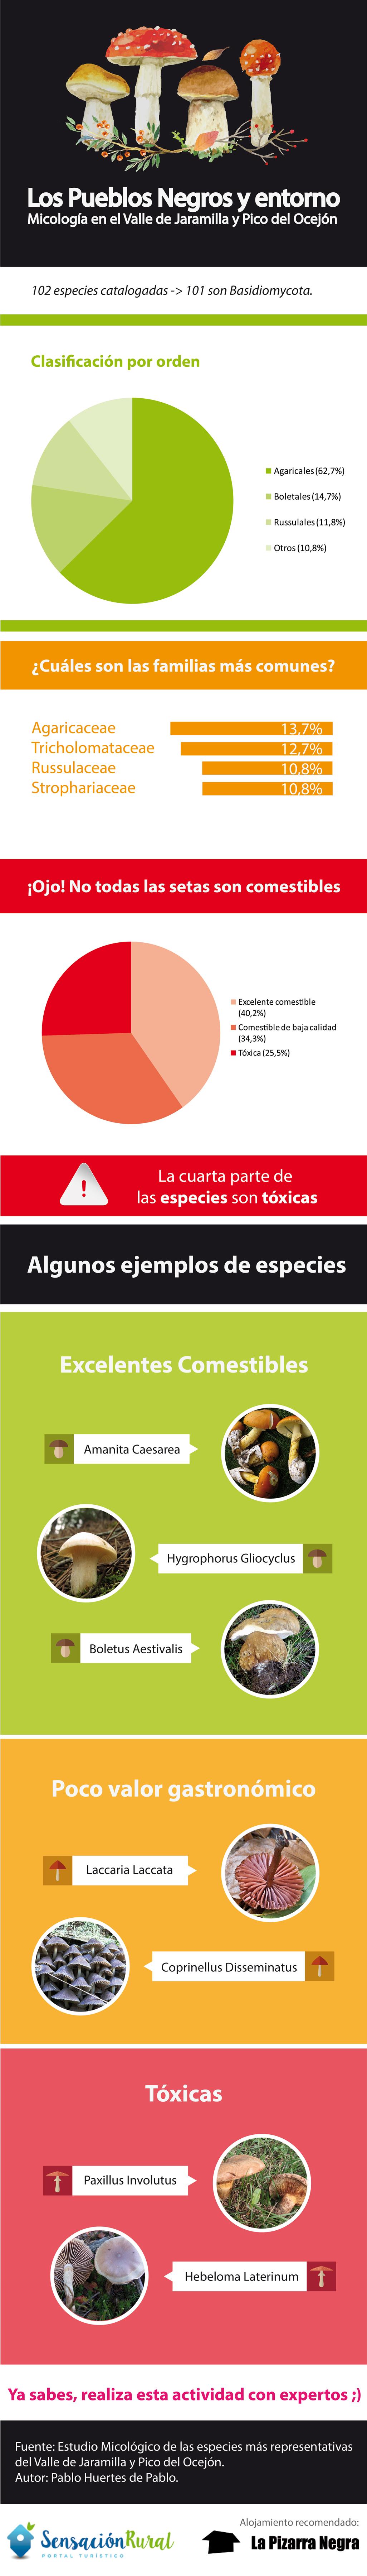 infografia micologia pueblos negros